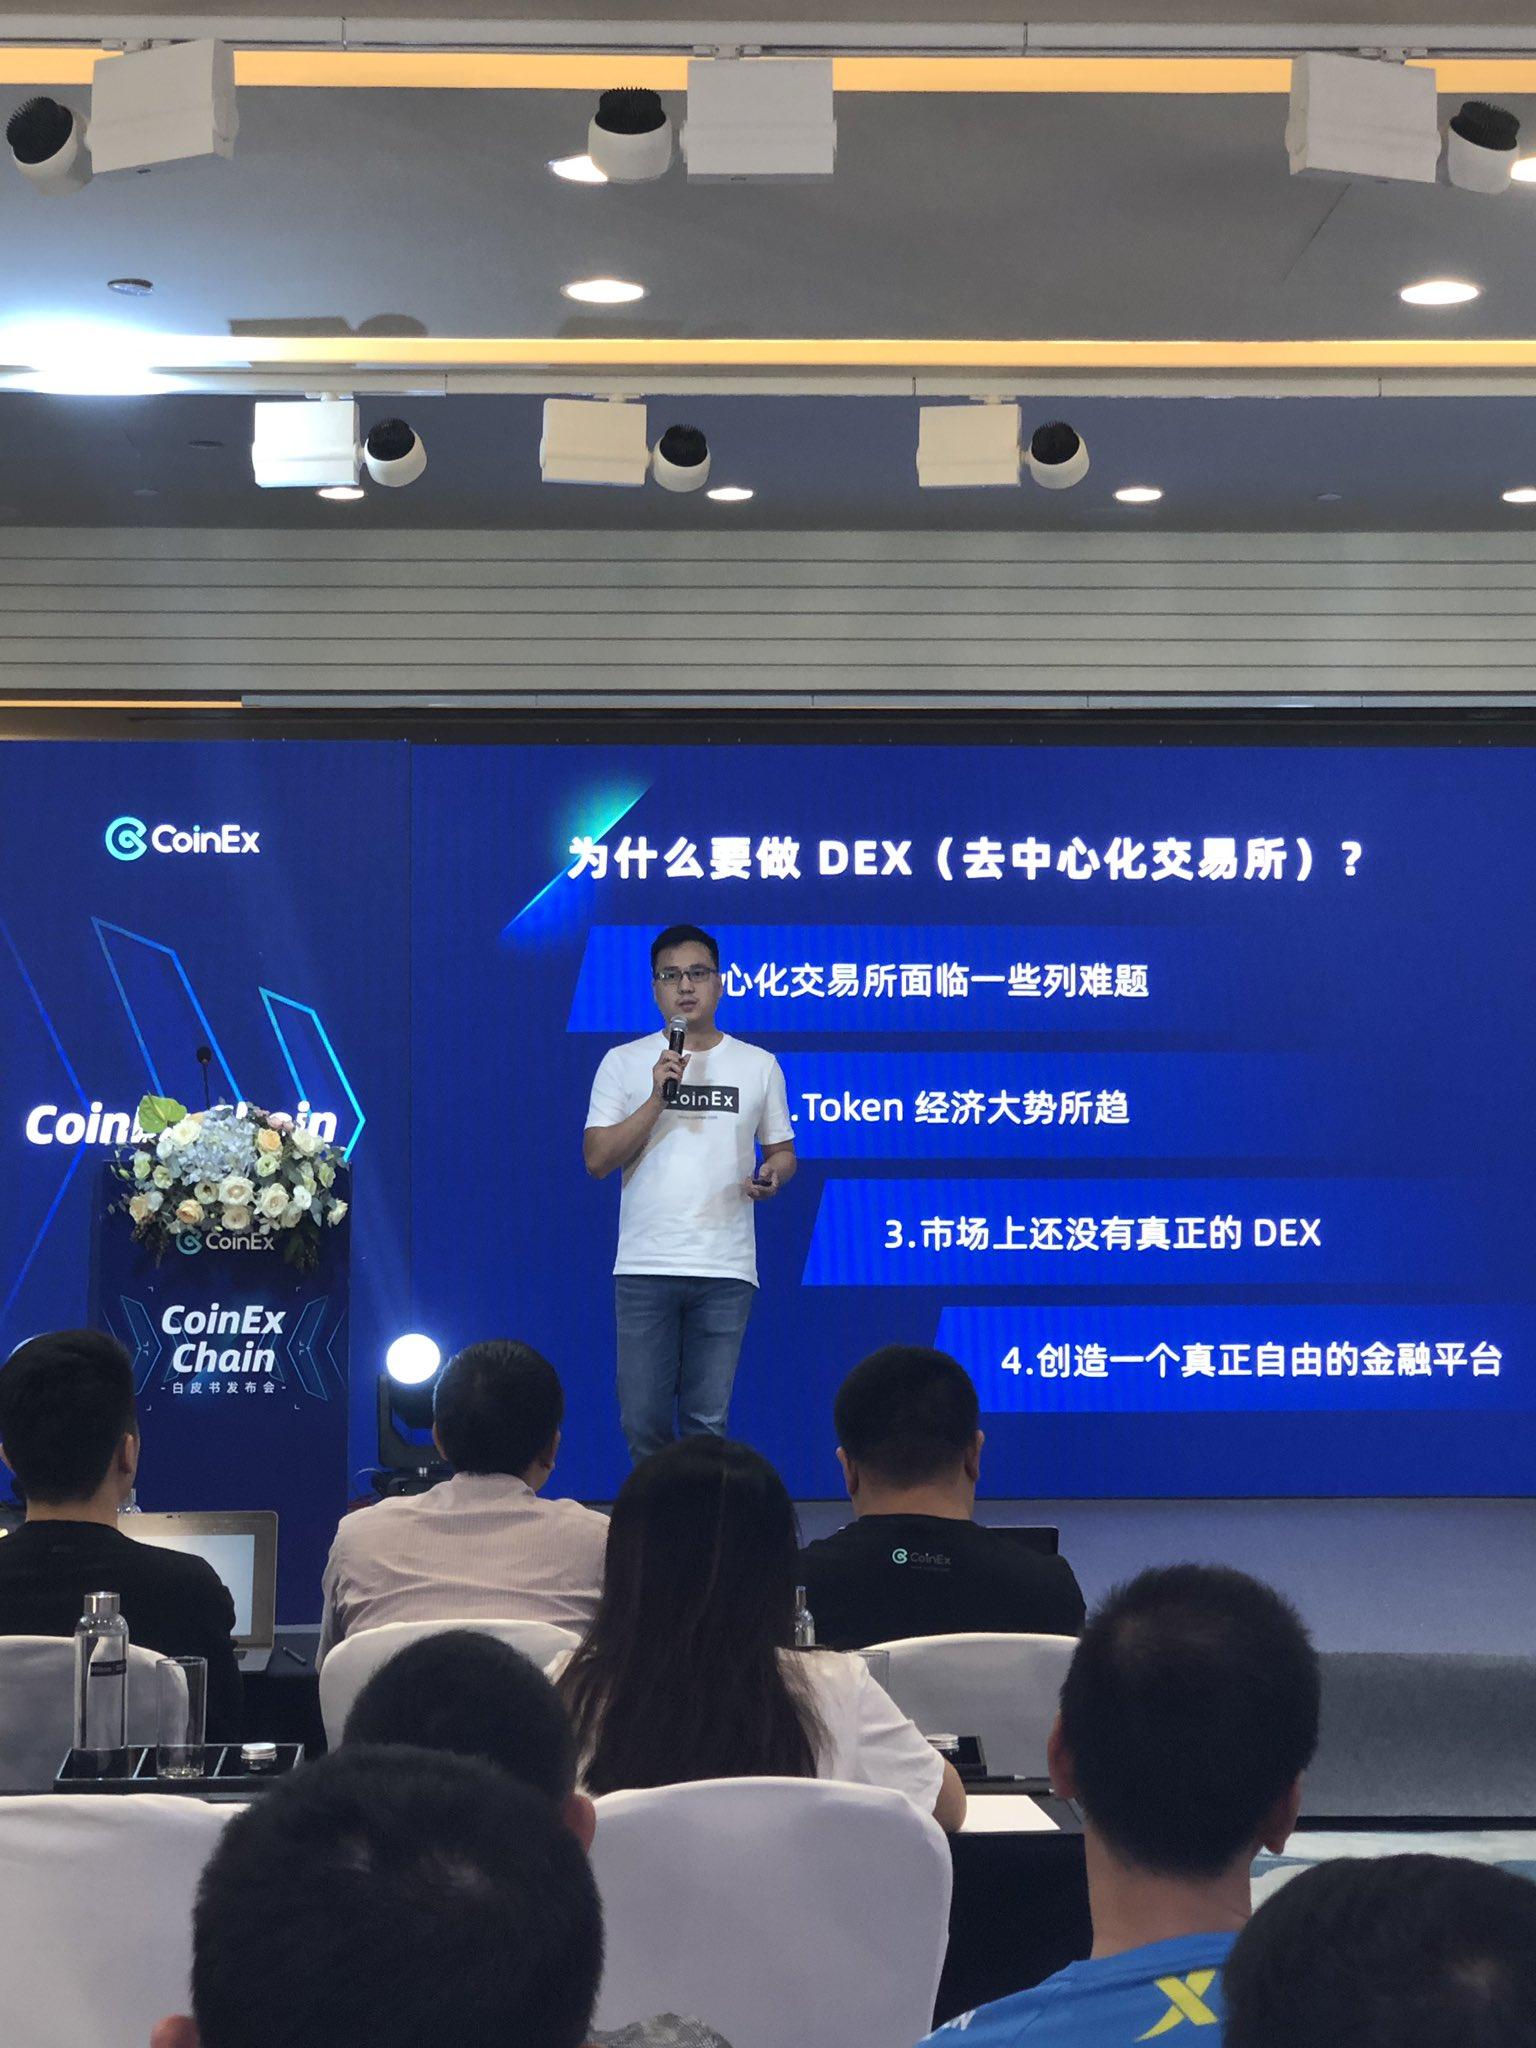 ViaBTC's Haipo Yang